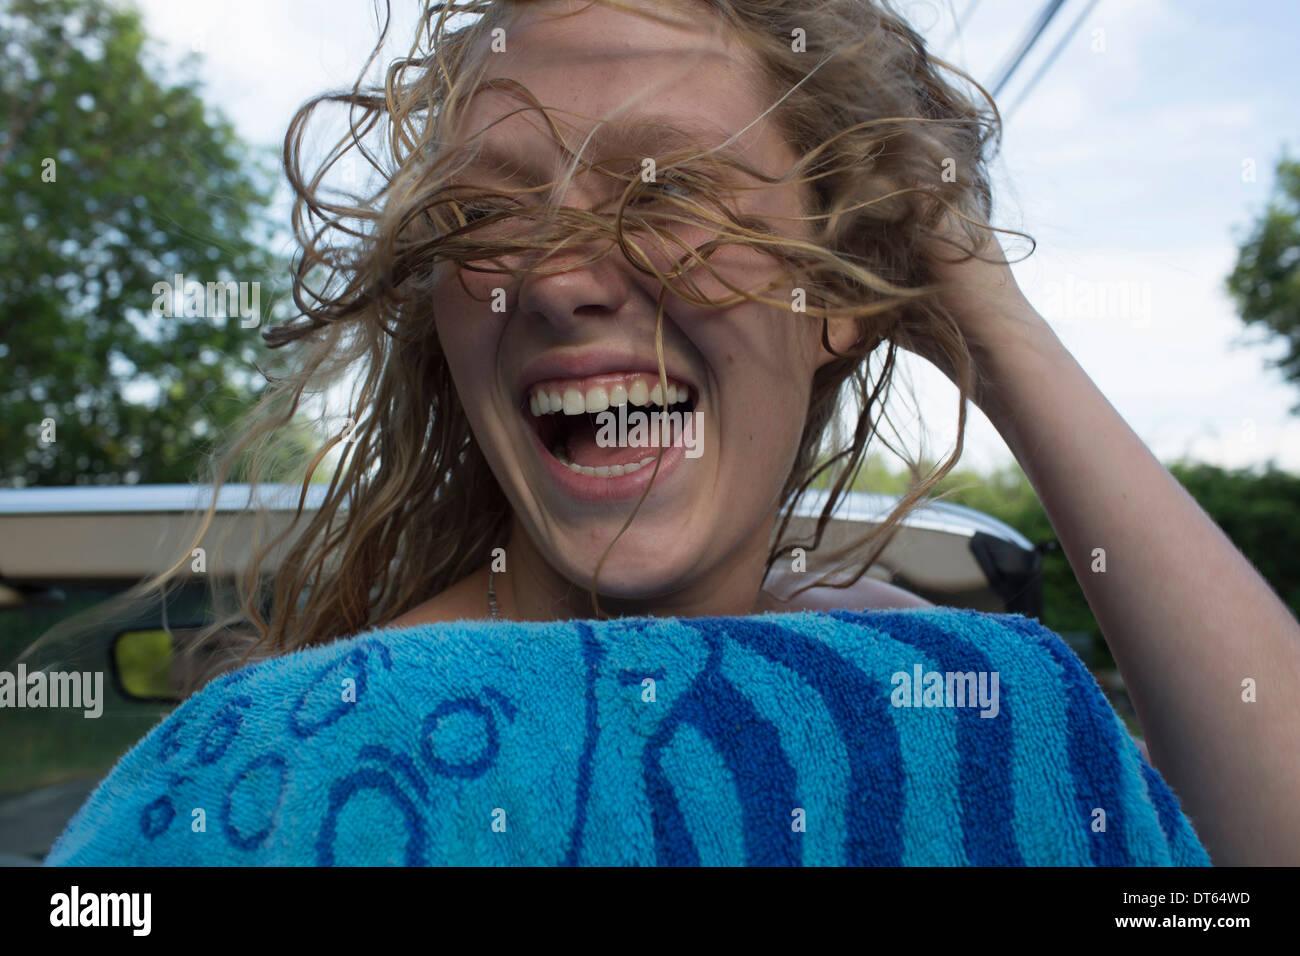 Adolescente exprimer le bonheur et la liberté Photo Stock